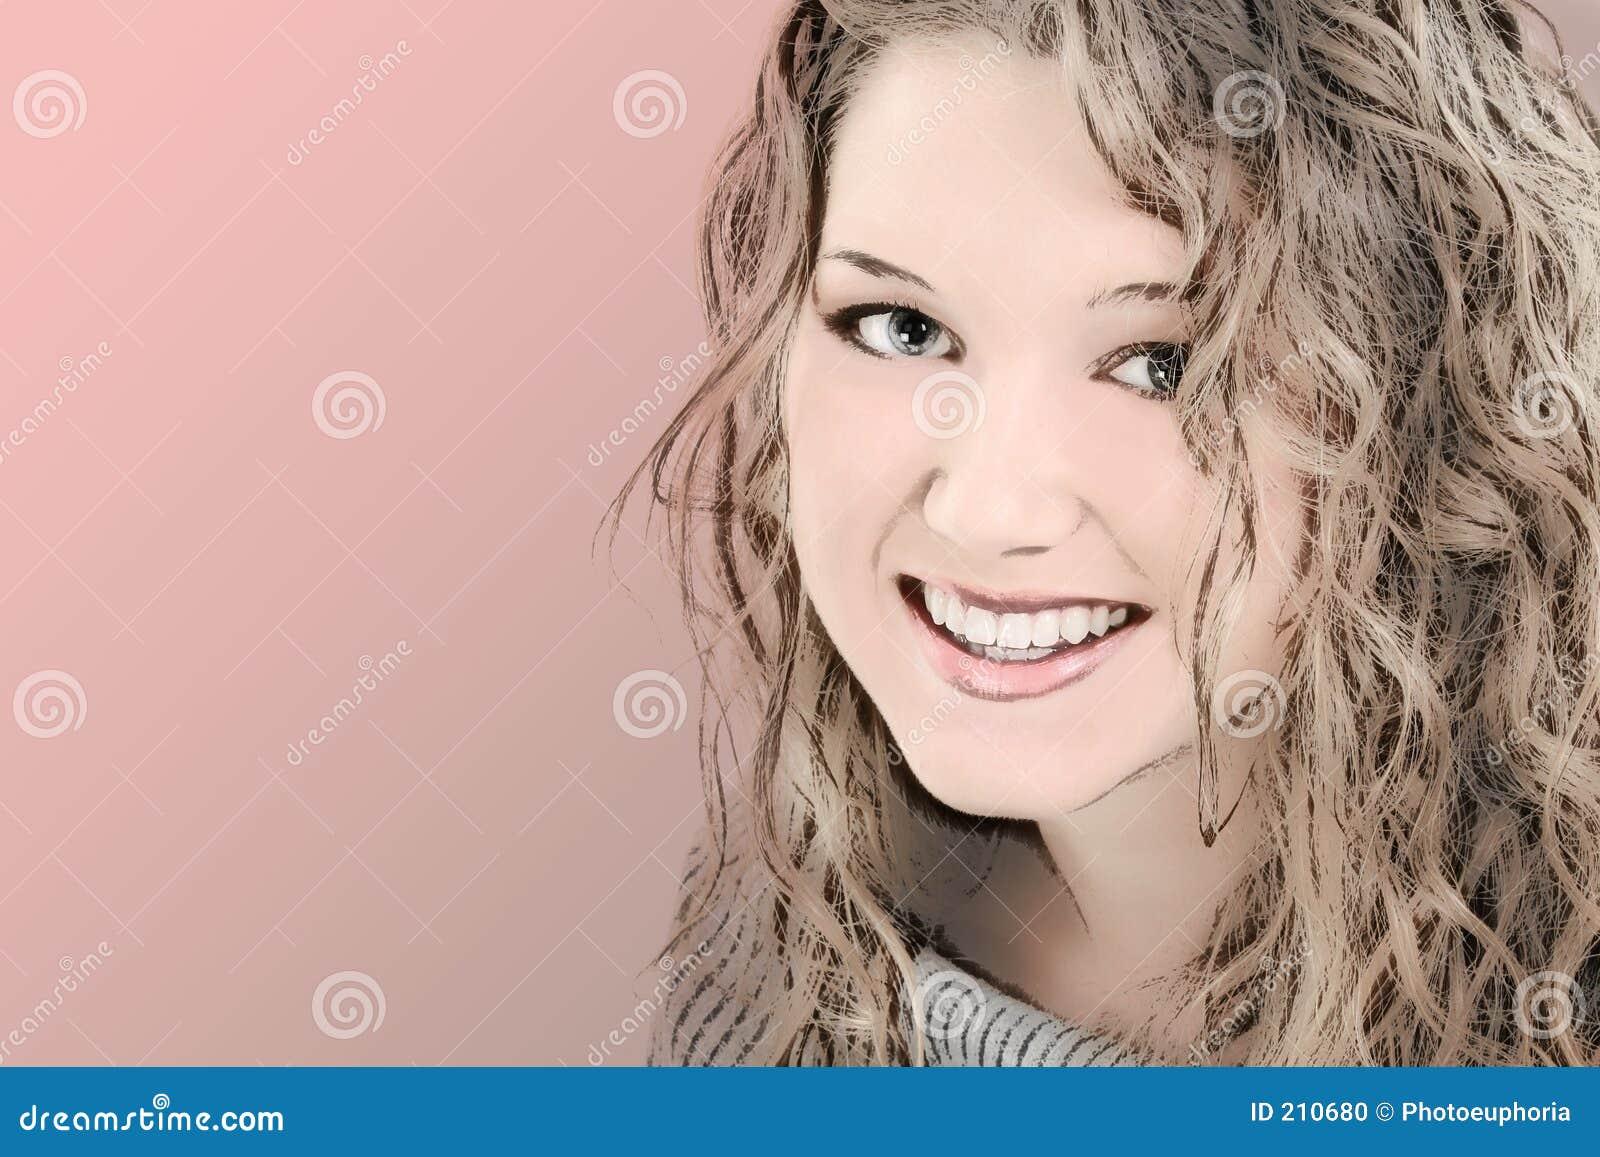 Illustrazione di bella ragazza teenager di 16 anni